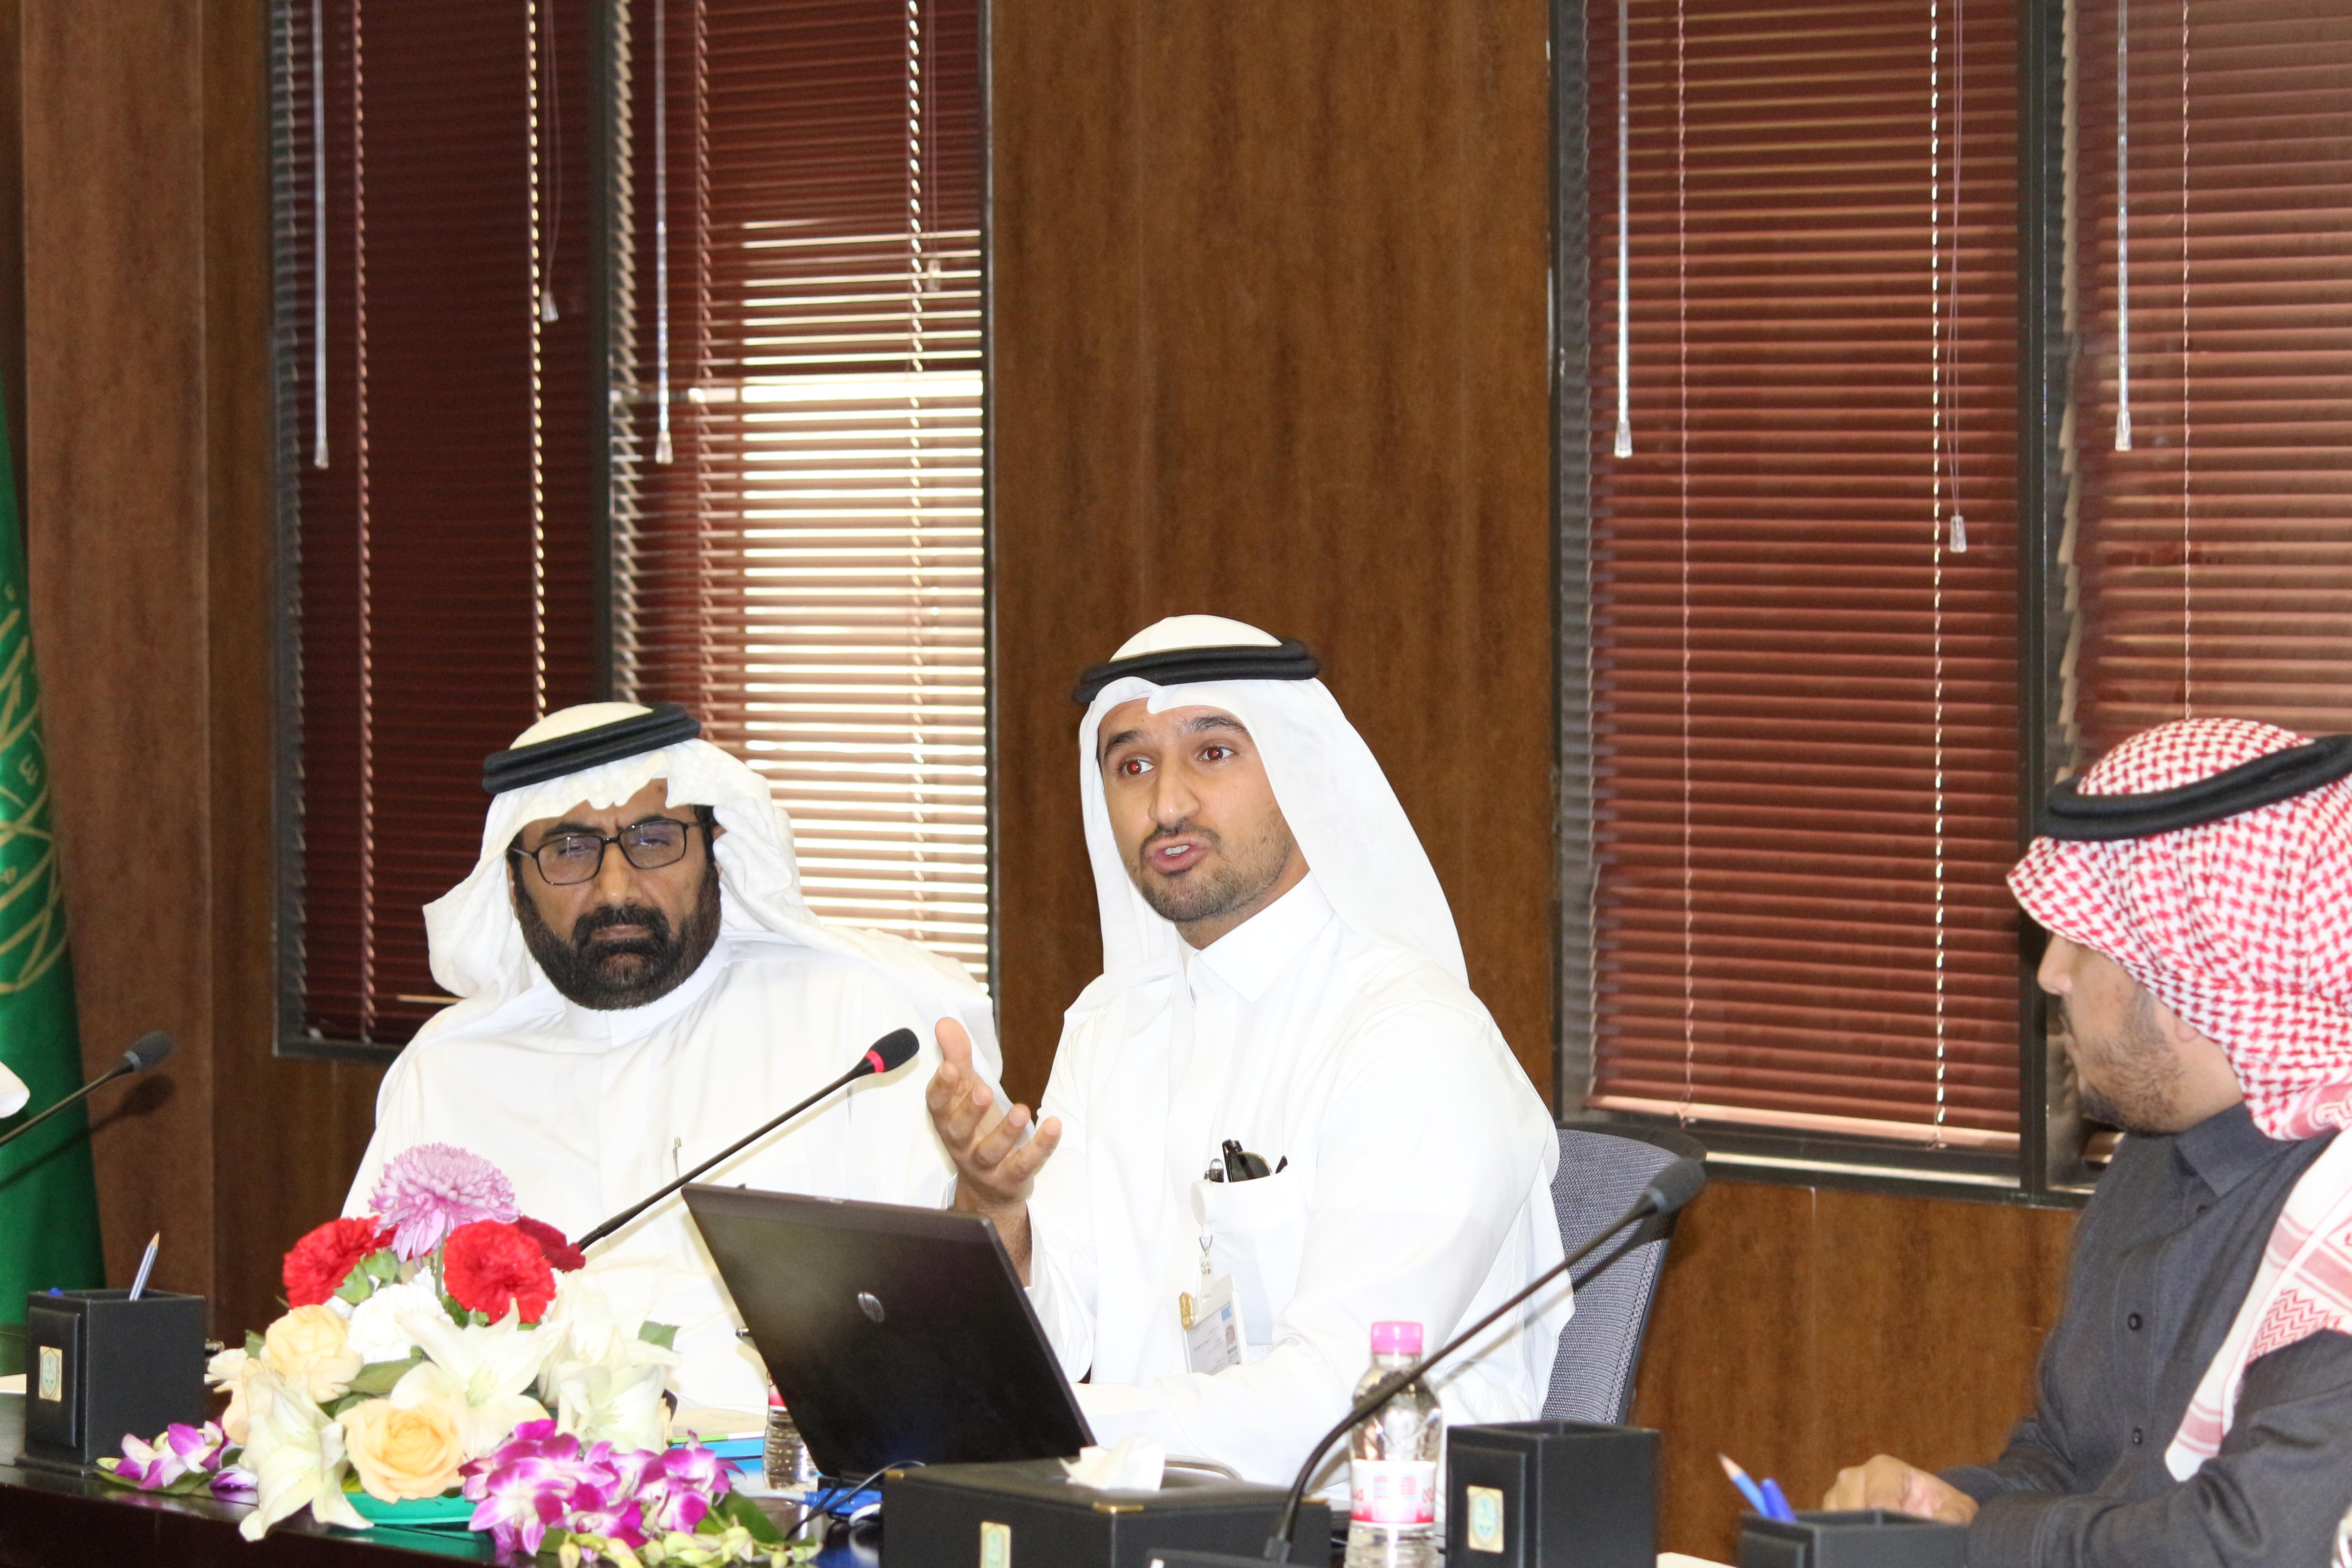 مركز الدراسات الجنائية بكلية الحقوق بجامعة الملك سعود يناقش تسويق مراكز الأبحاث والدراسات